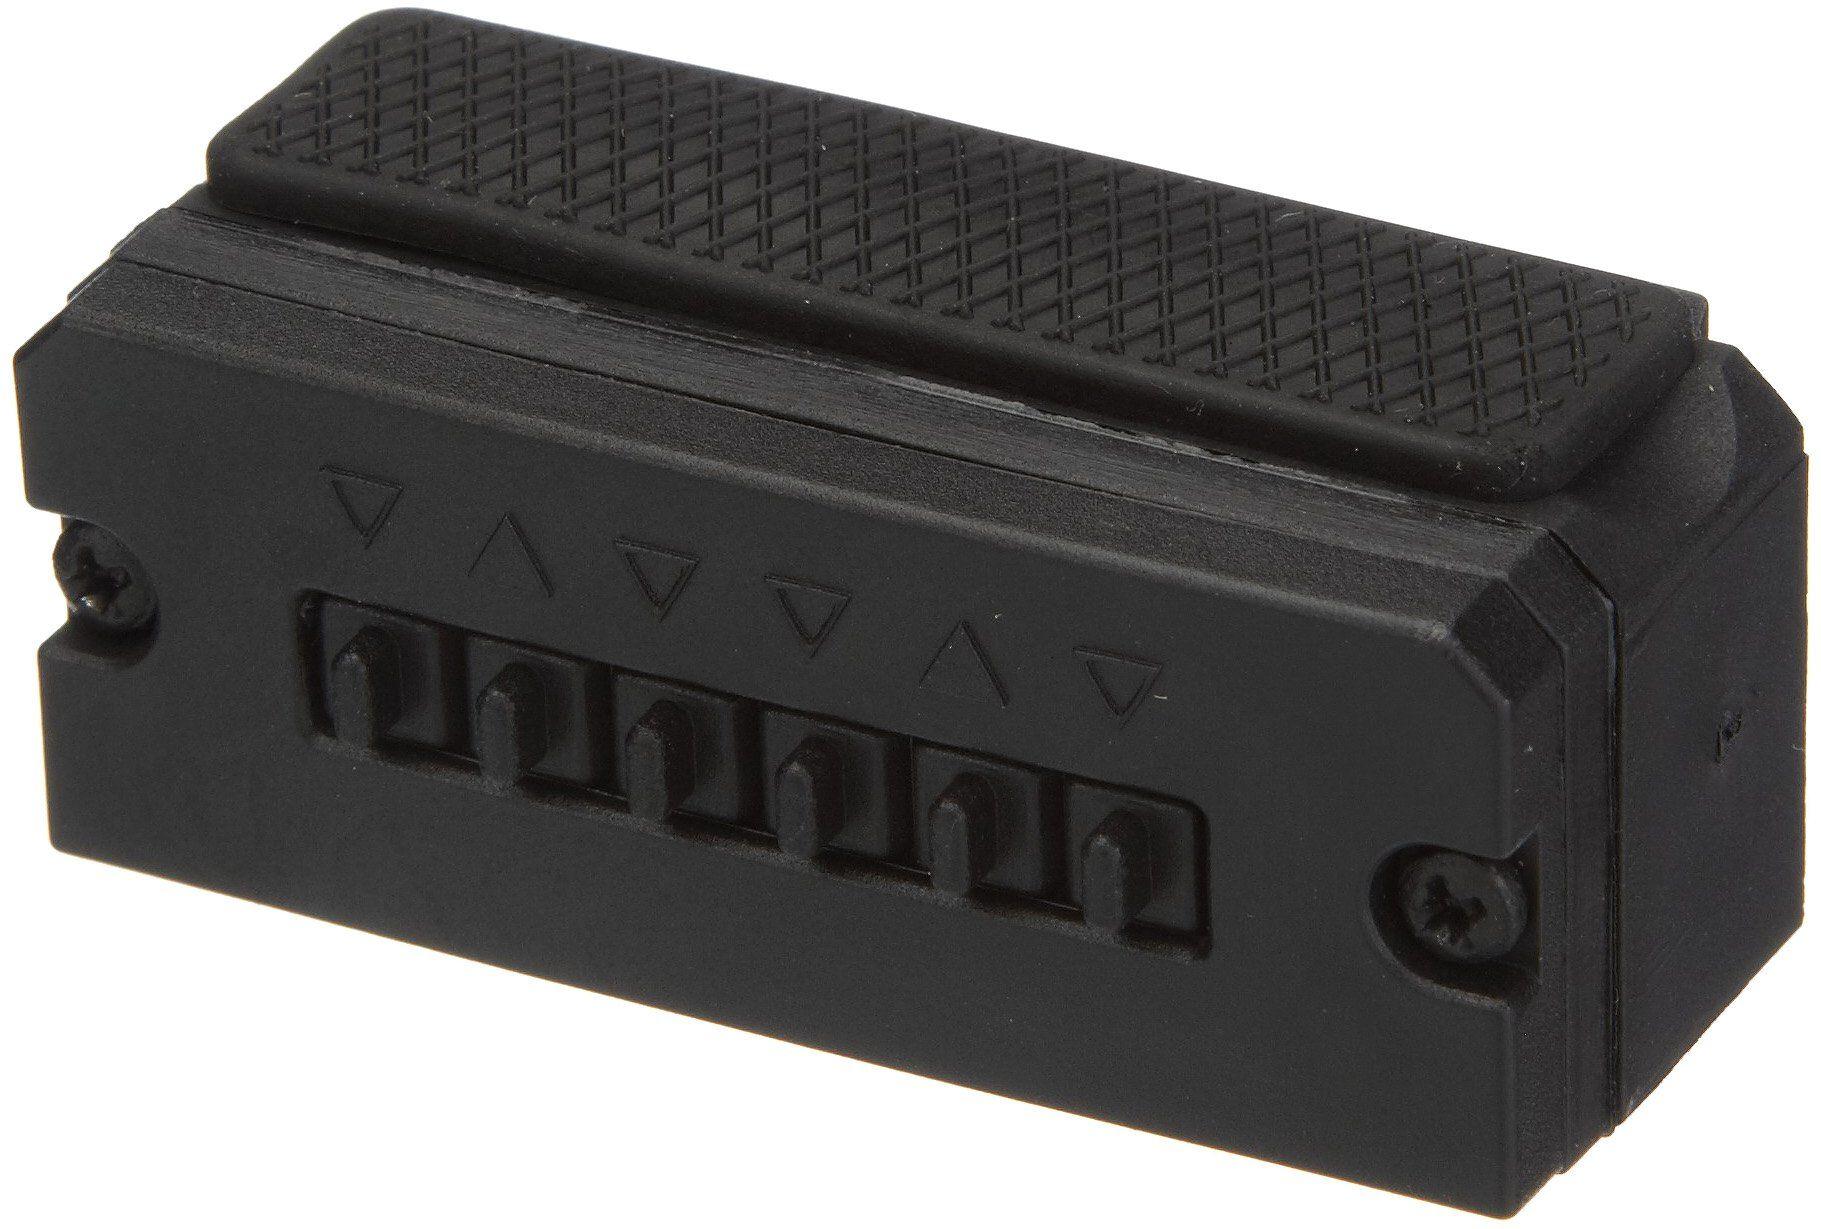 Piko 35265 - G przełącznik do napędu elektrycznego na miękko